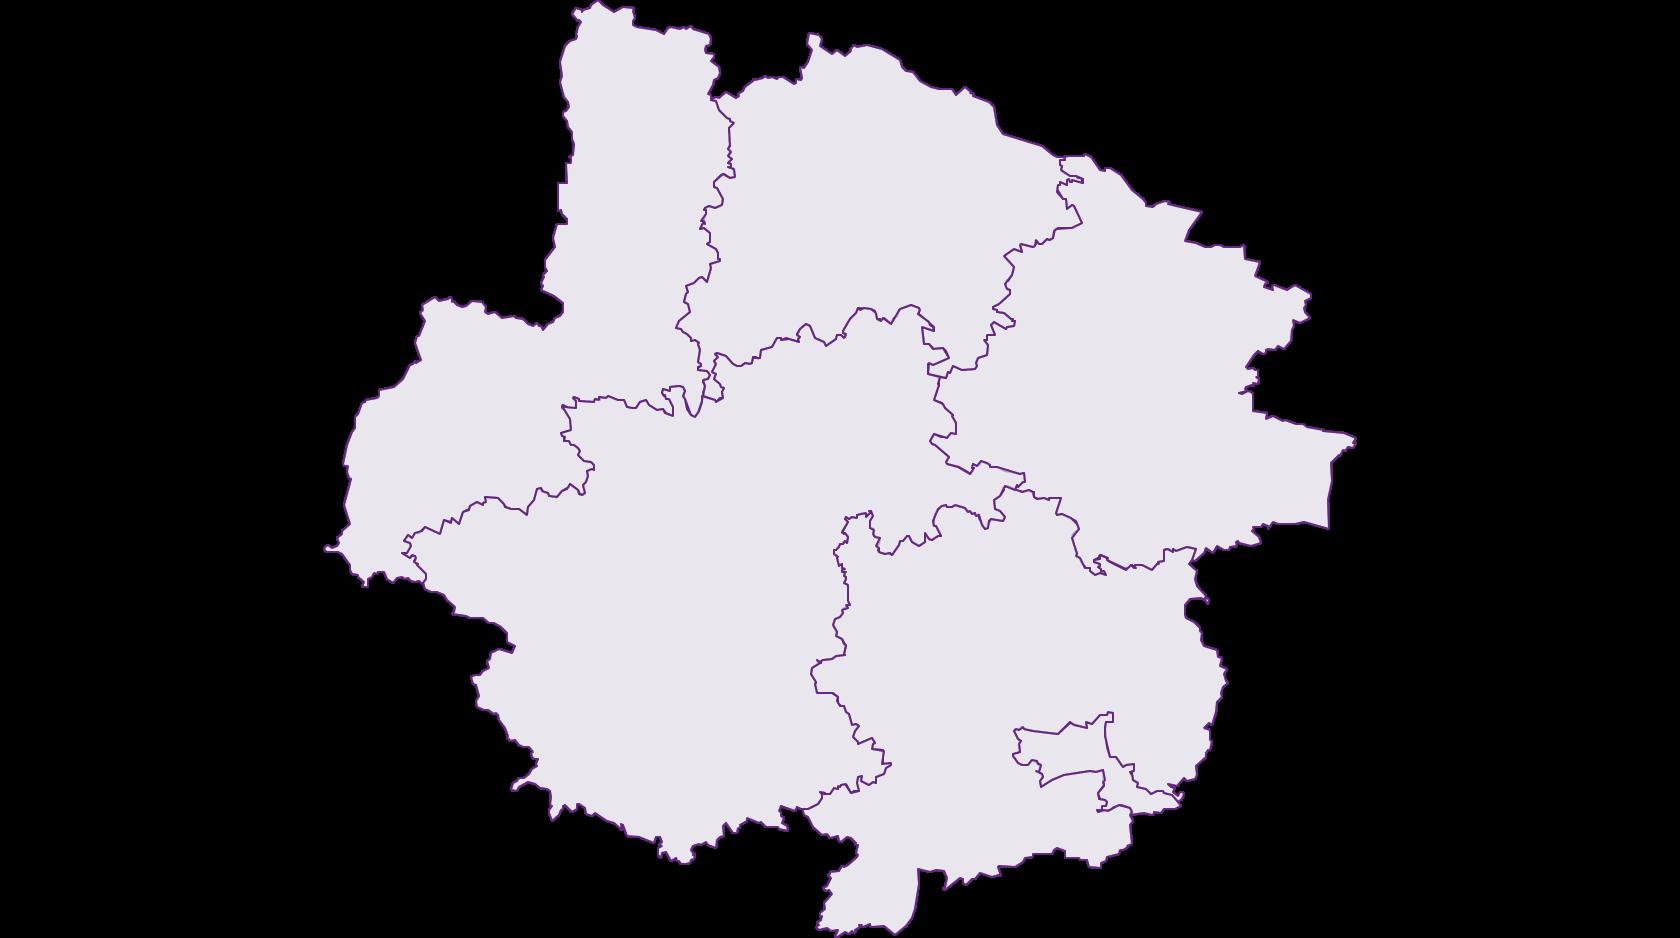 Forest quarter - Region - Austria - Geography, business and economics, statistics | Similio